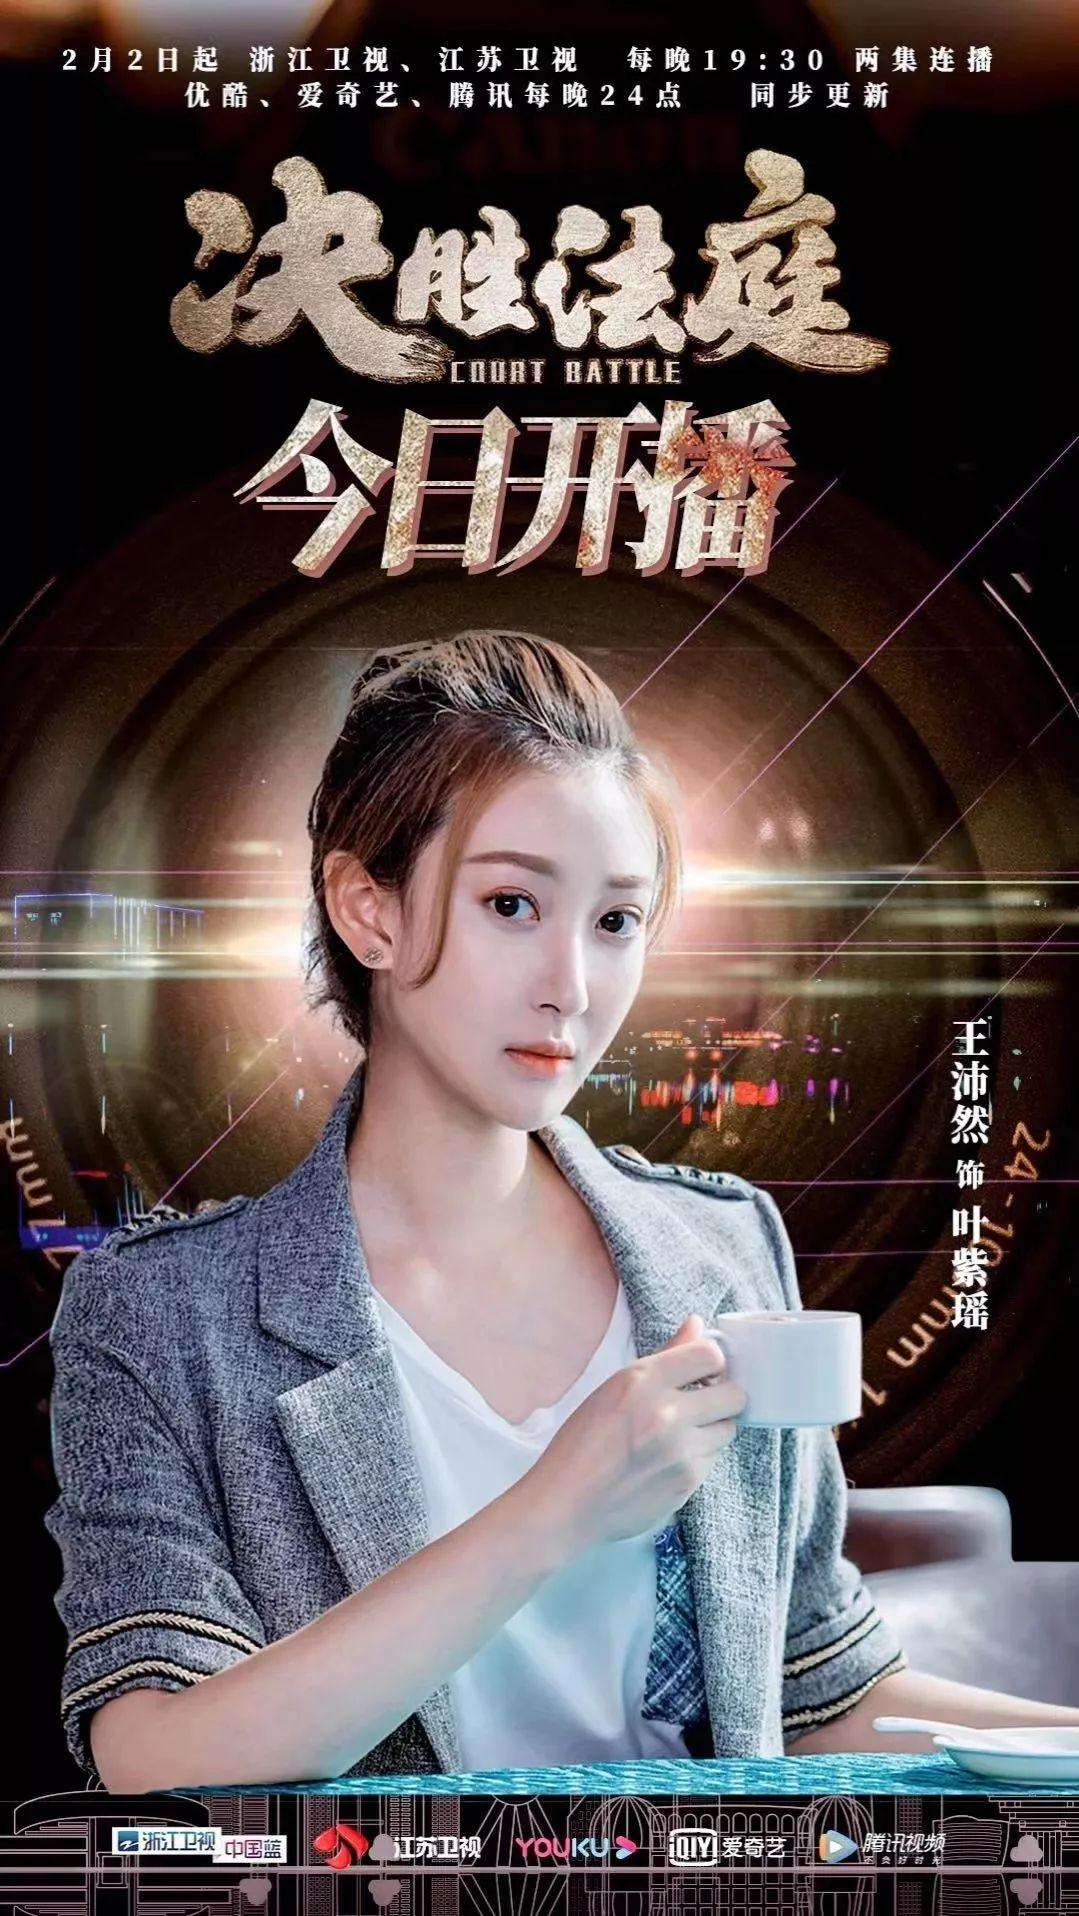 http://www.wzxmy.com/dushuxuexi/15664.html